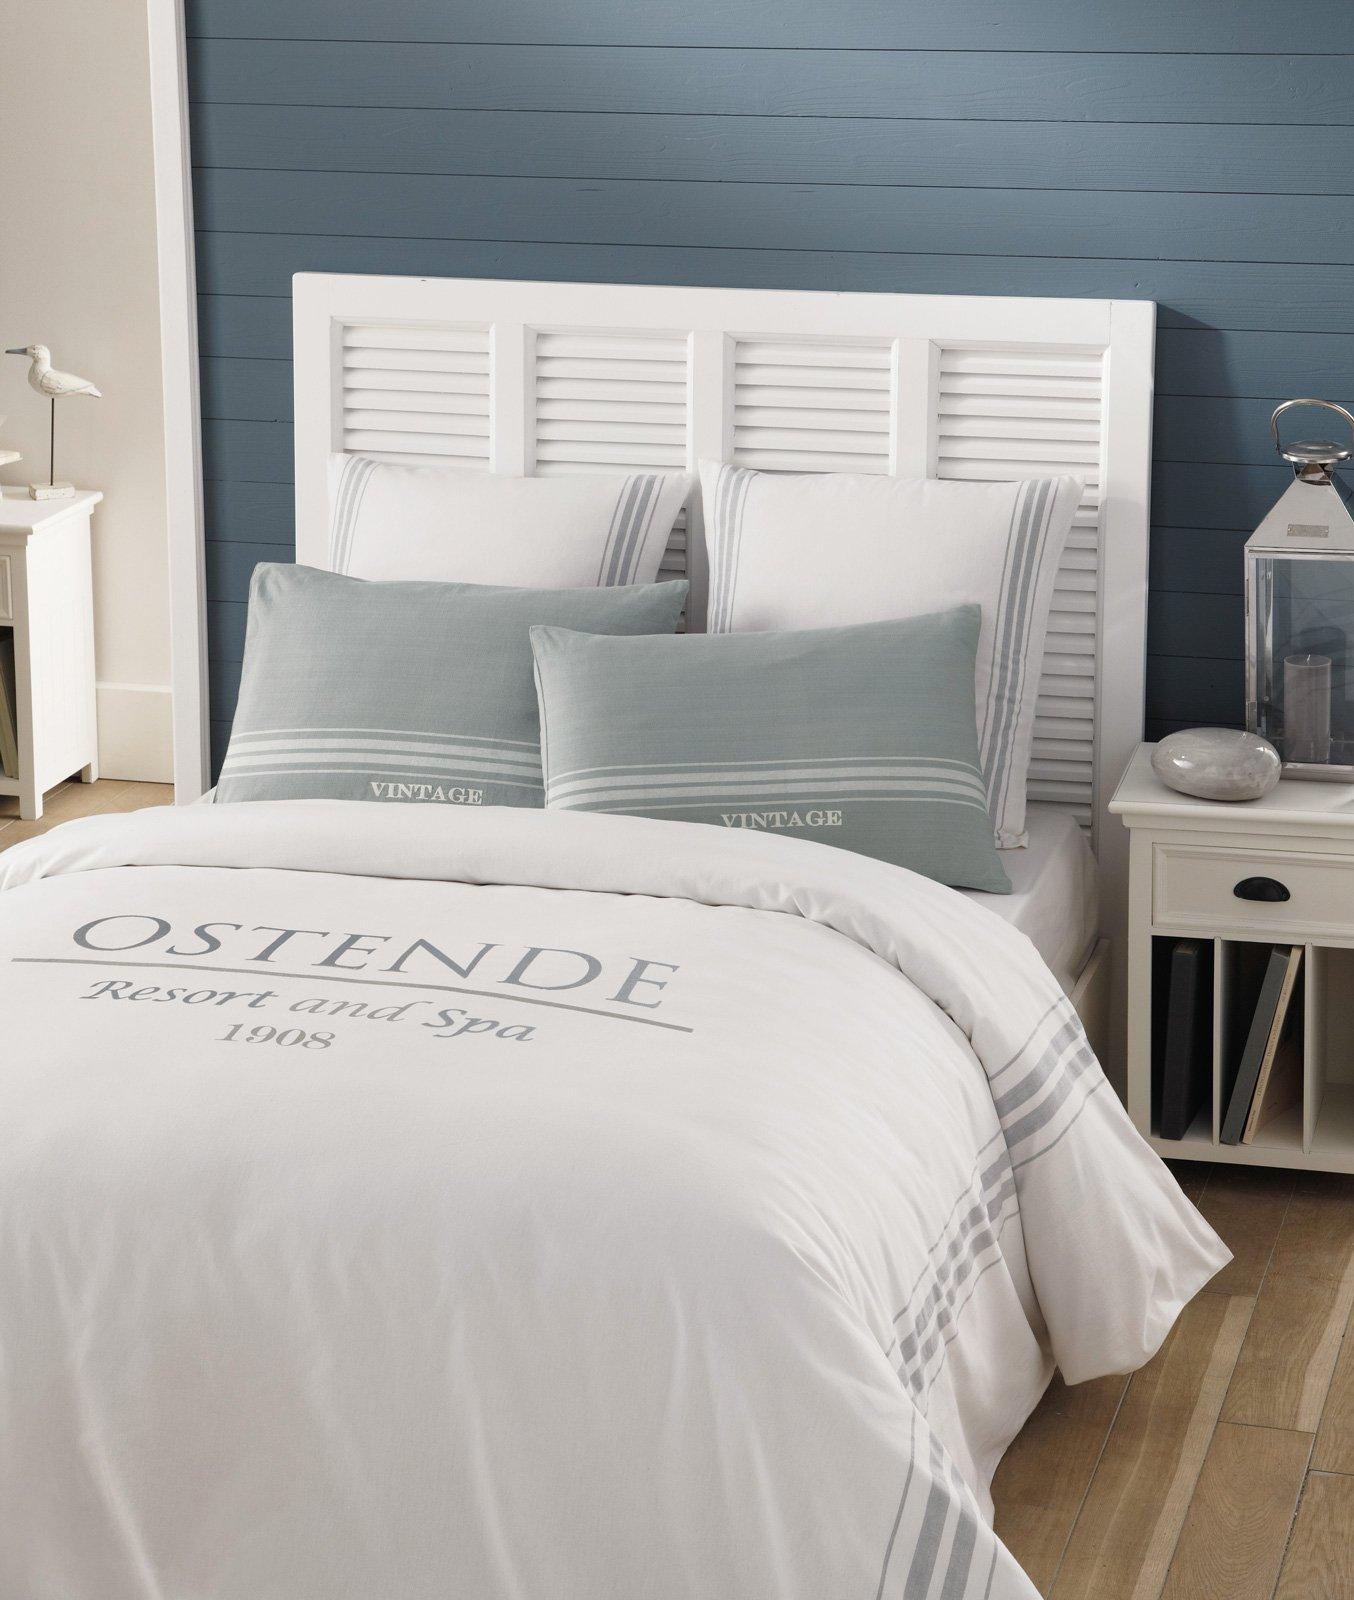 Biancheria dallo stile deciso per connotare l 39 ambiente in modo netto cose di casa - Maison du monde letto contenitore ...